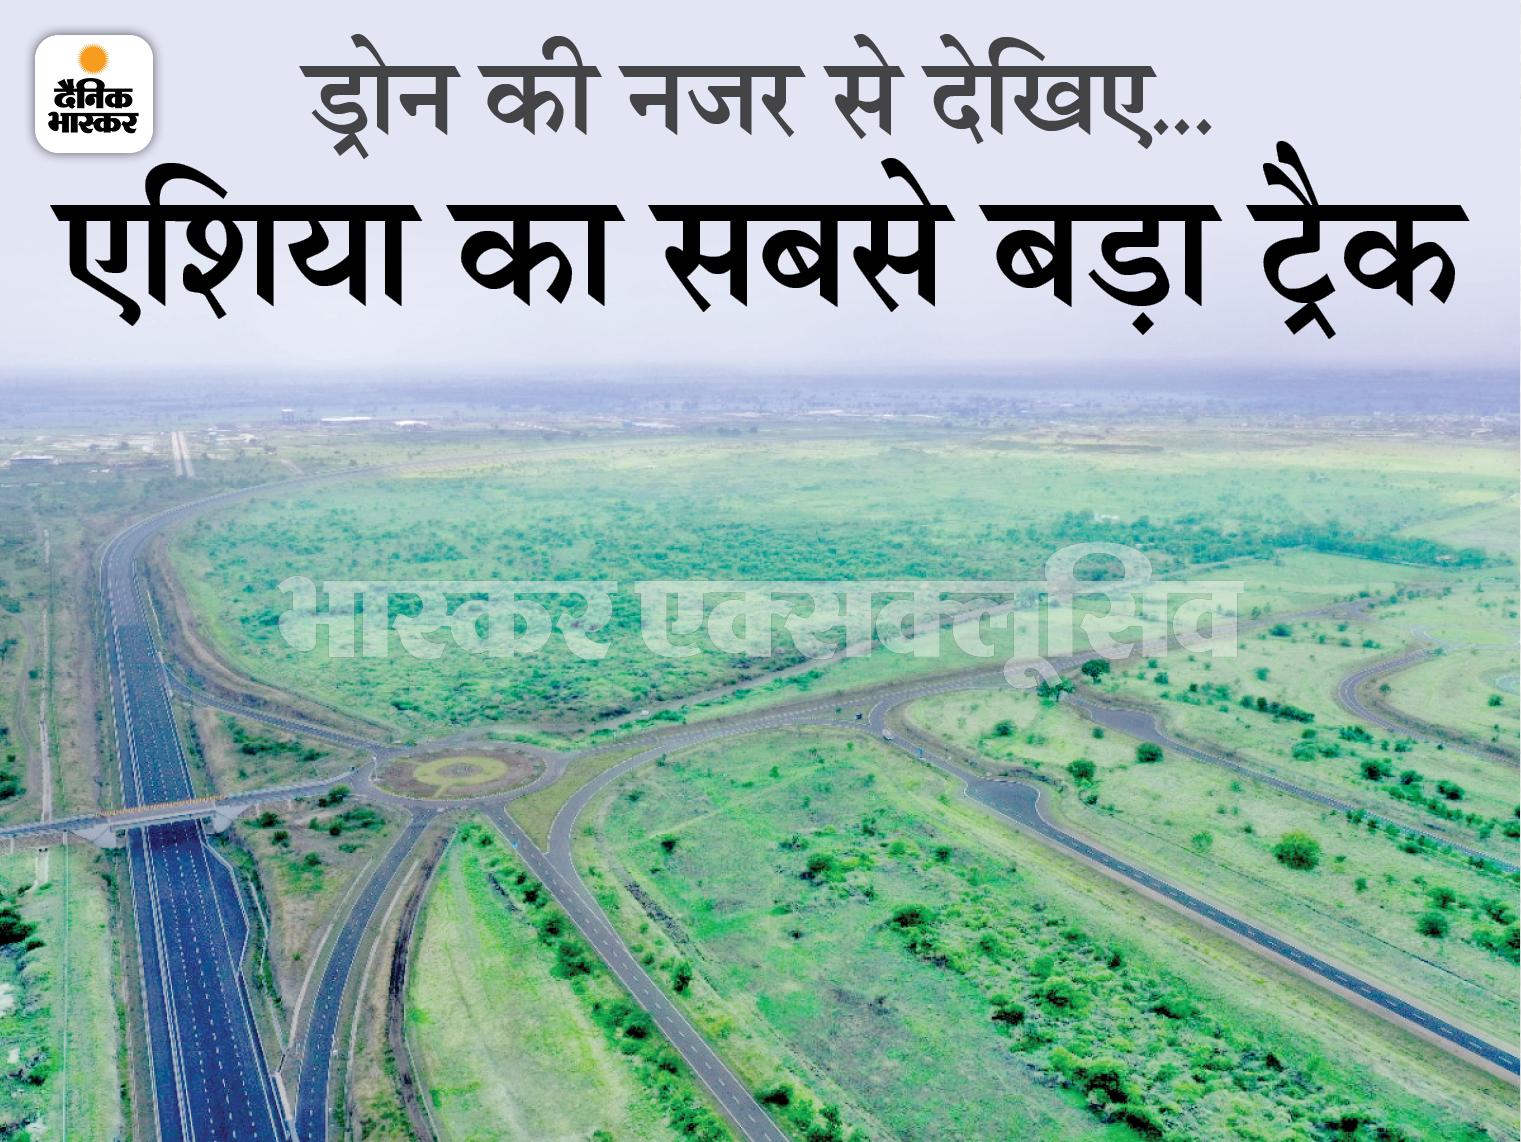 इंदौर में 308 किमी की स्पीड से मुड़ती है सुपर कार, अब तक सिर्फ जर्मनी, इटली और अमेरिका में ही थे ऐसे ट्रैक मध्य प्रदेश,Madhya Pradesh - Dainik Bhaskar